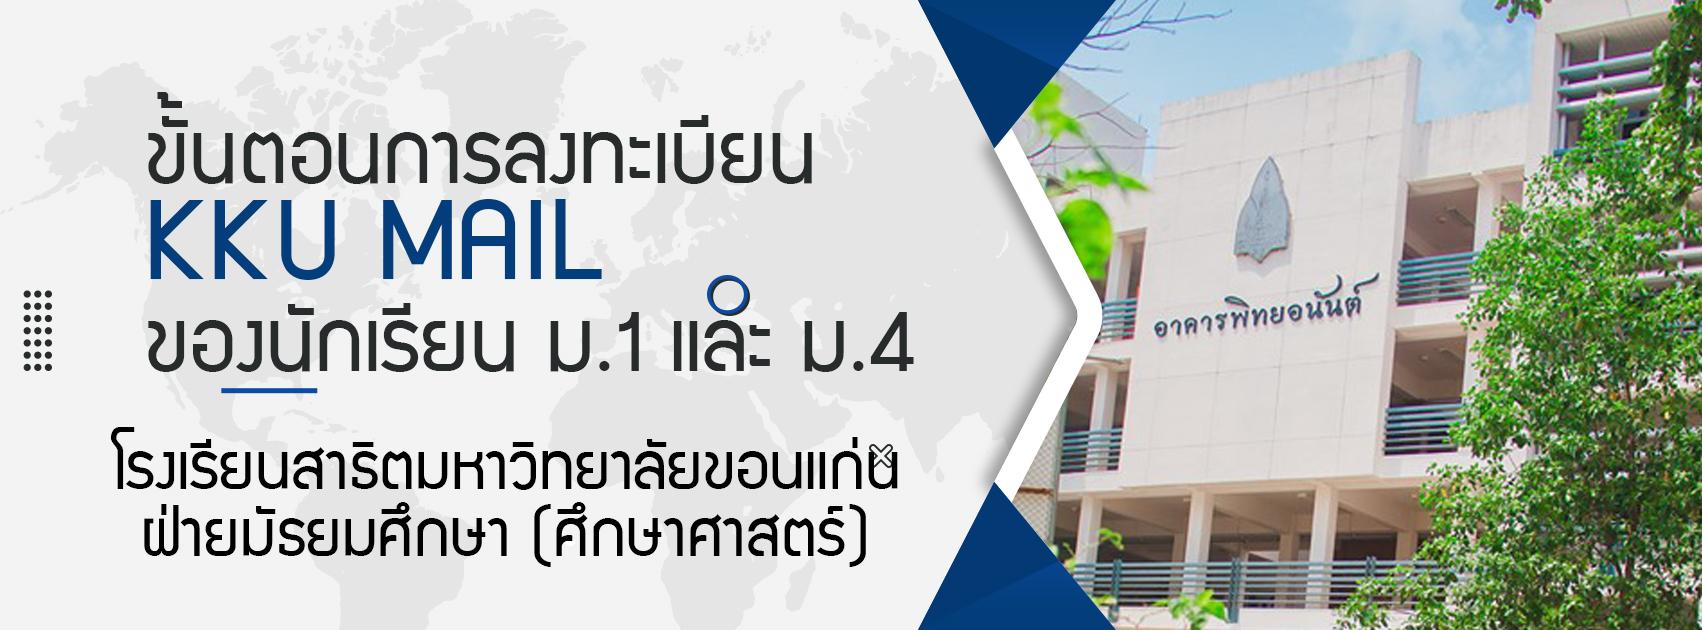 การลงทะเบียน KKUMAIL ของนักเรียนชั้น ม.1 และ ม.4